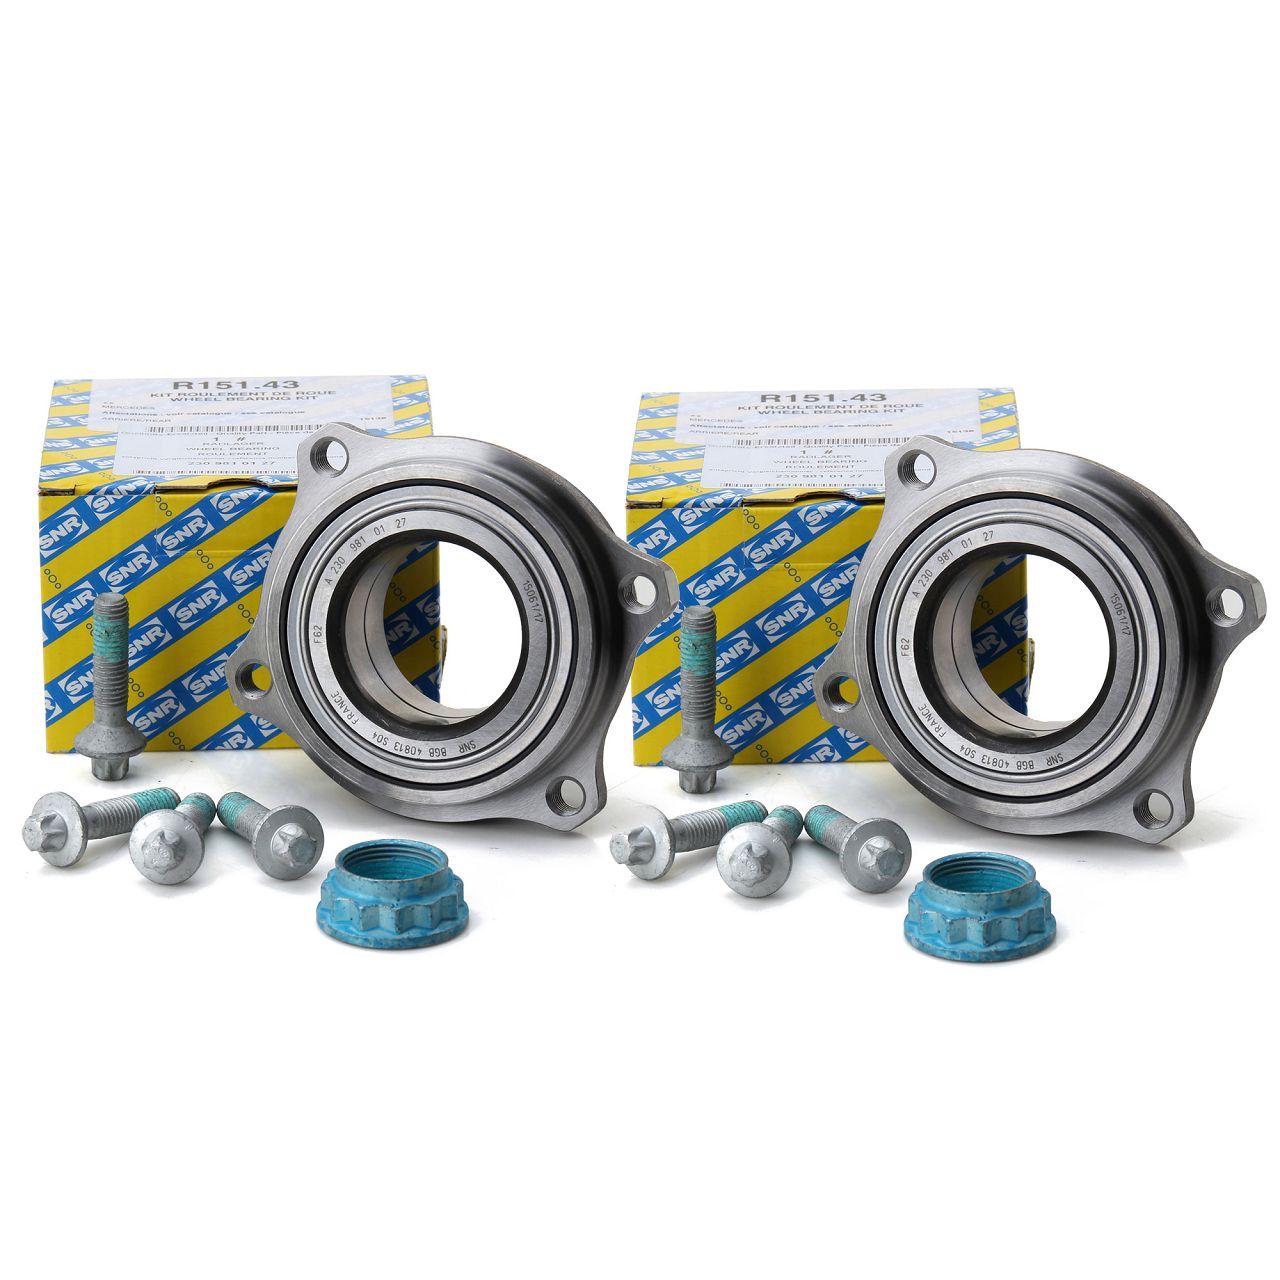 2x SNR Radnabe Radlager Rep.-Satz für Mercedes W204 C207 R230 R172 C197 hinten